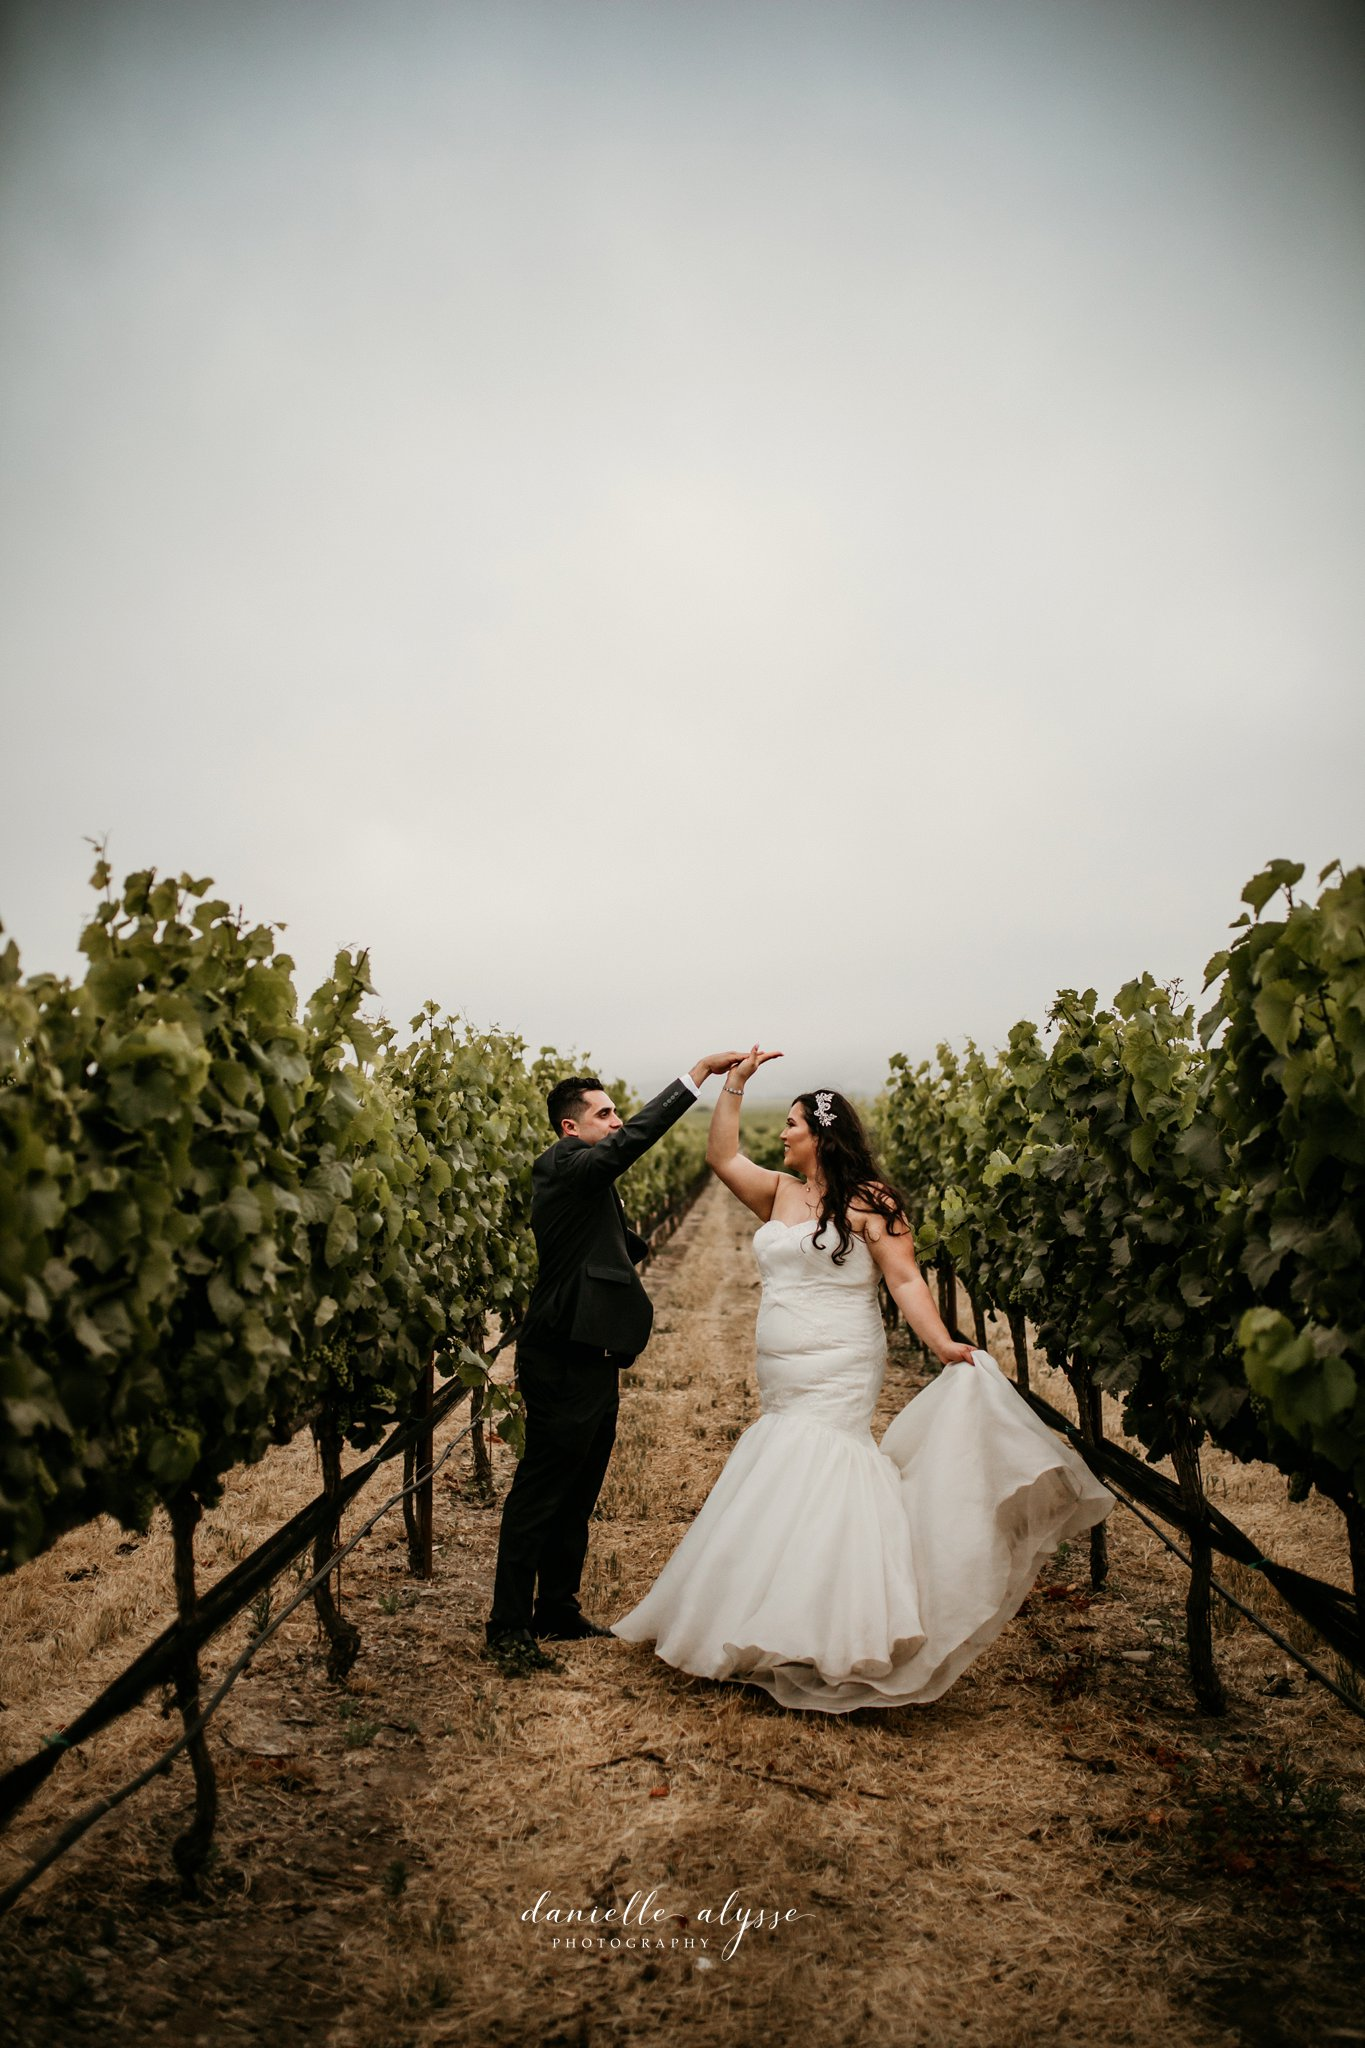 180630_wedding_lily_ryan_mission_soledad_california_danielle_alysse_photography_blog_1171_WEB.jpg